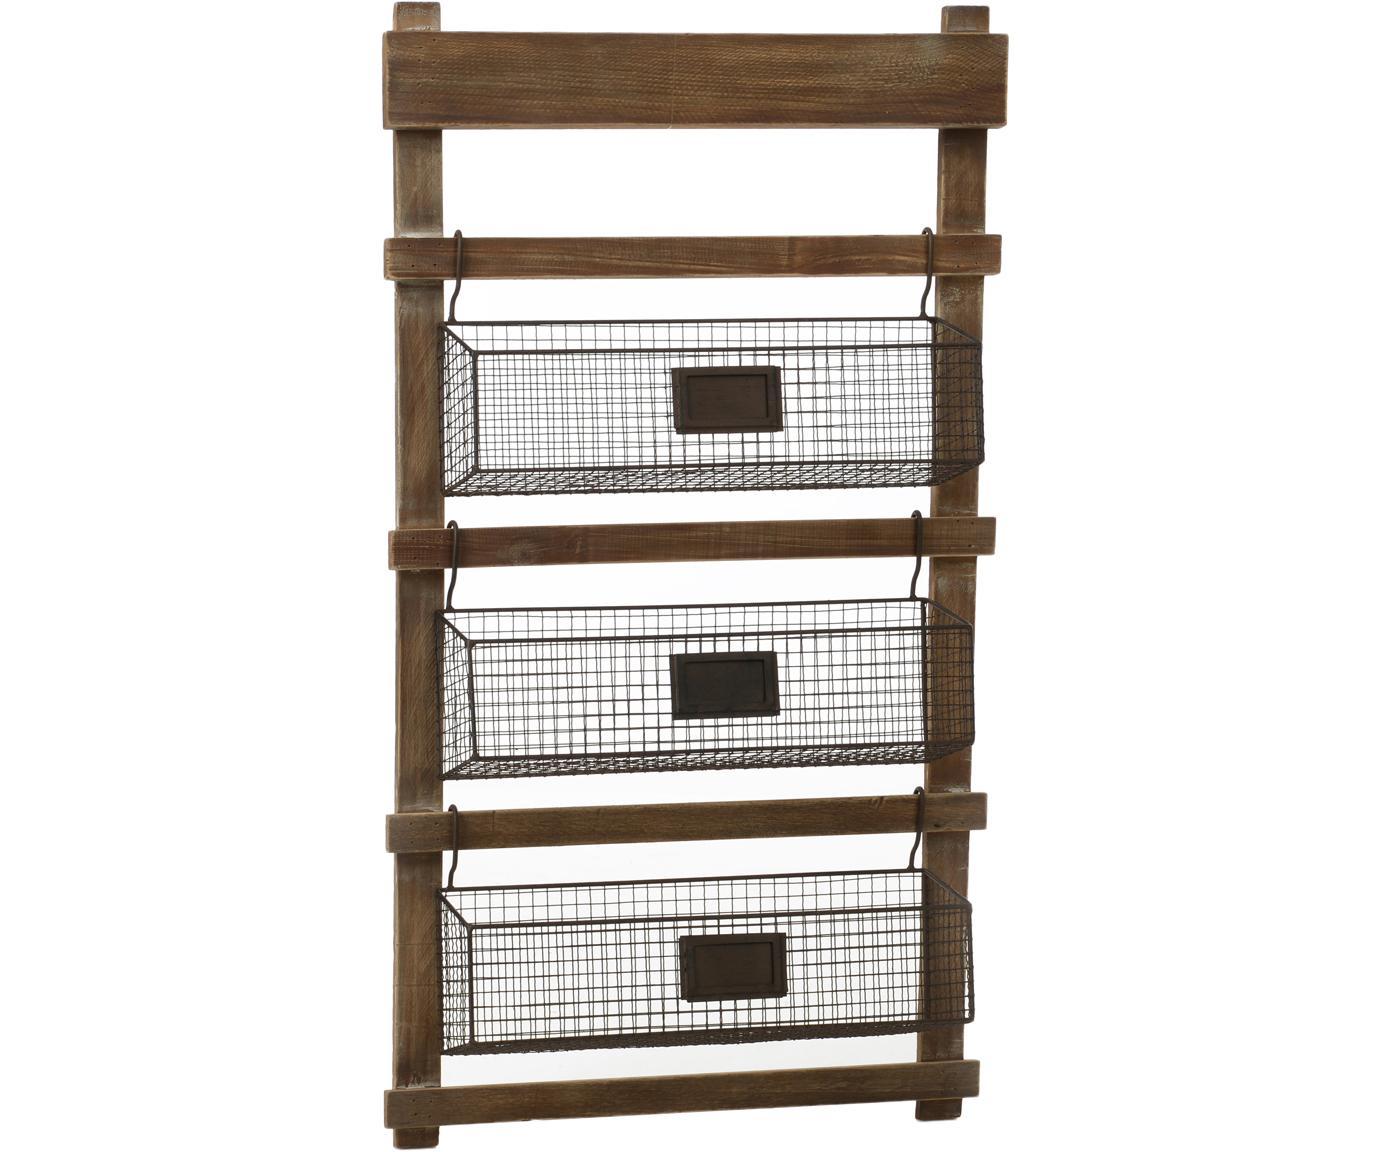 Estantería Mat, Estructura: madera, Marrón, negro, An 55 x Al 64 cm